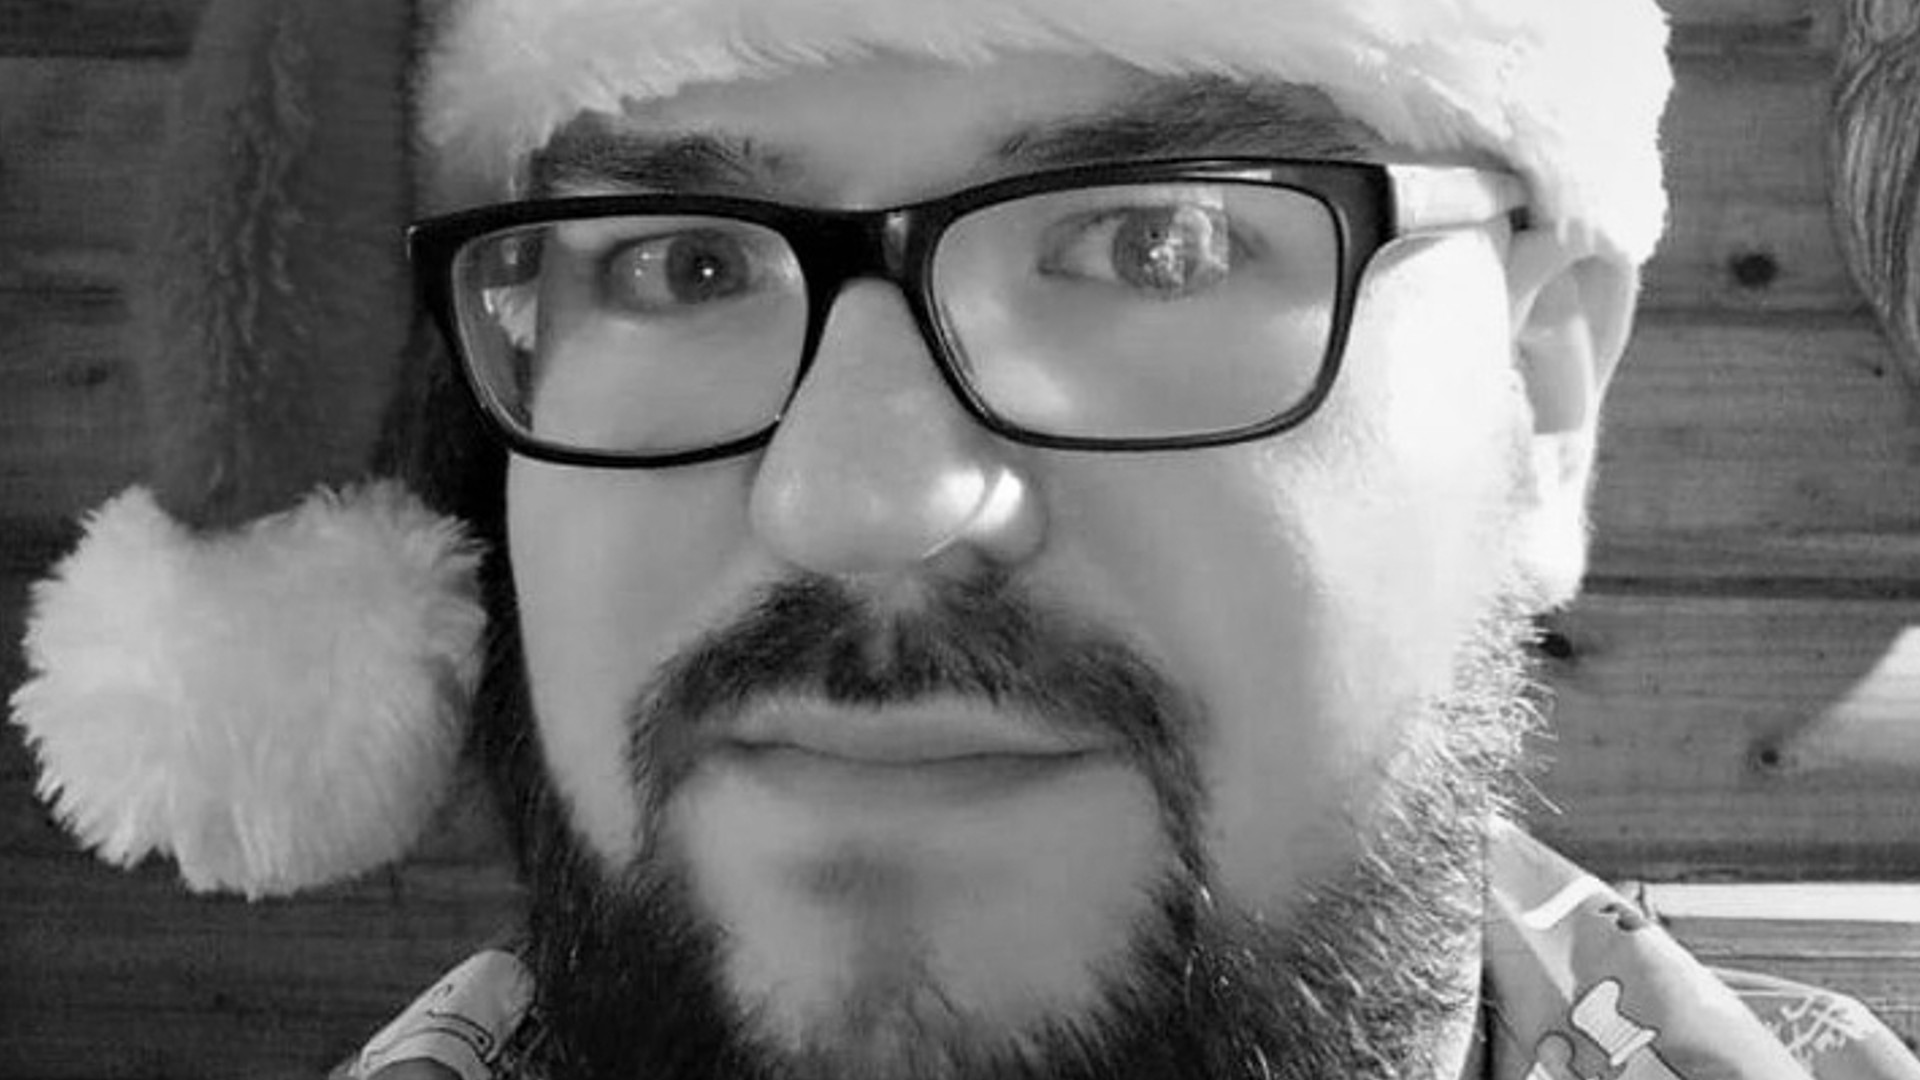 Nie żyje znany bloger, Piotr Kuldanek. Opisywał swoją walkę z COVID-19